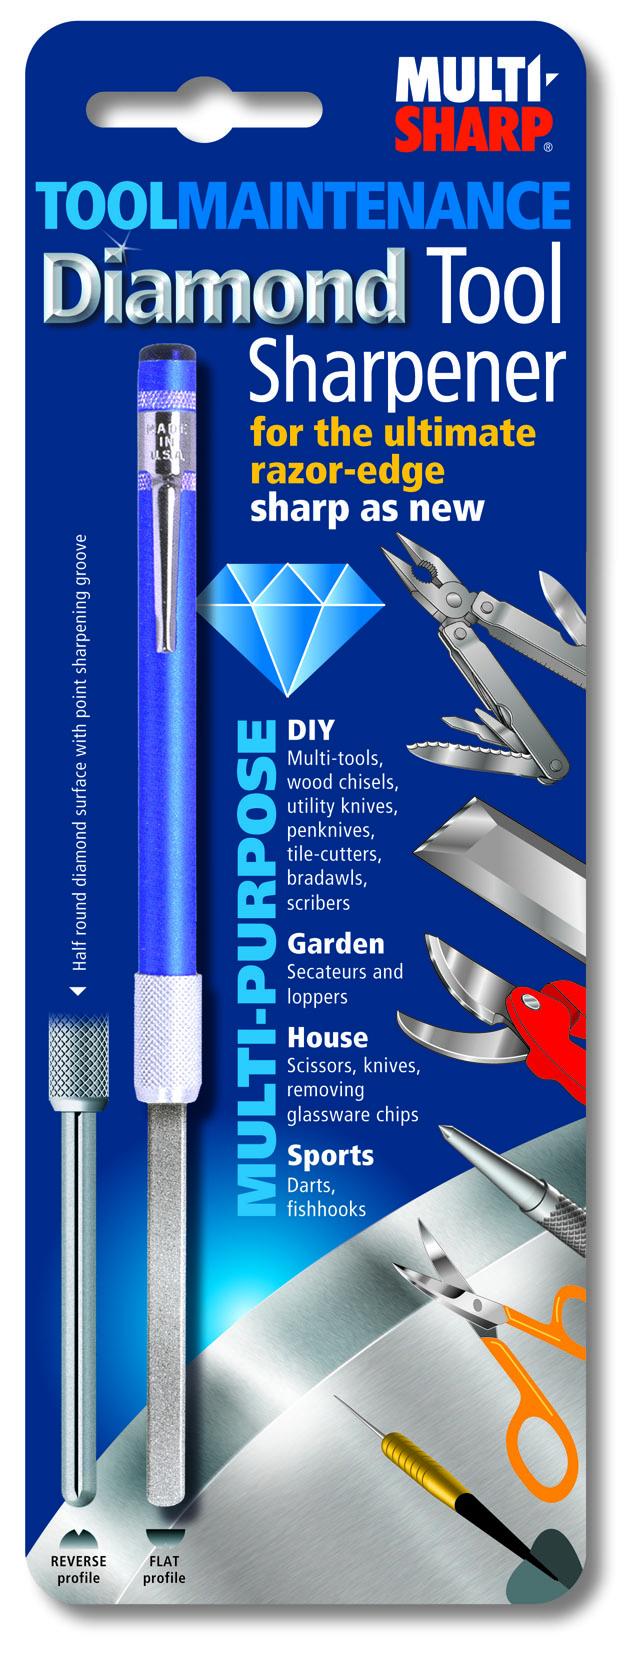 Diamond Tool Sharpener